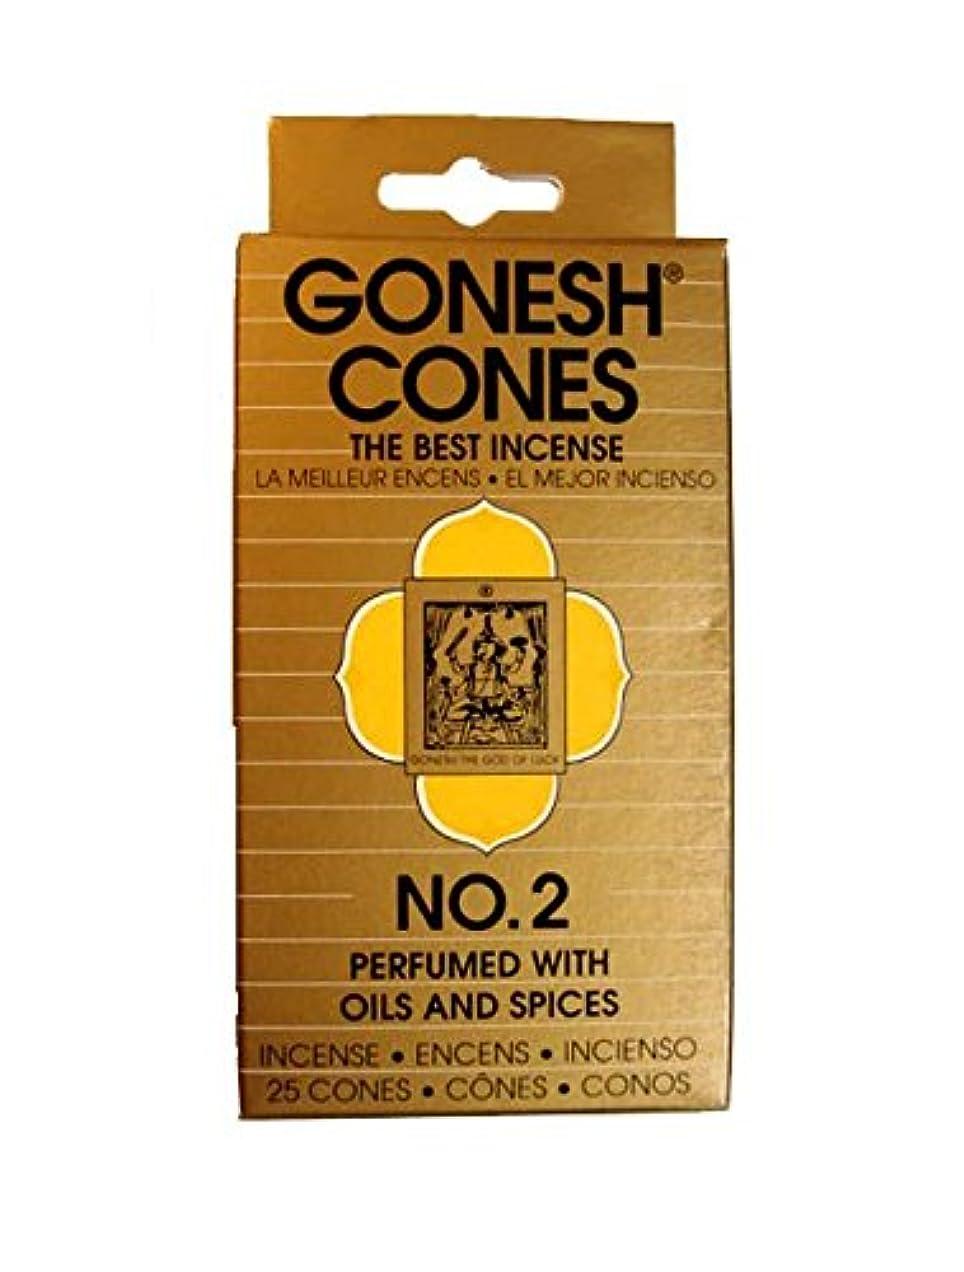 設計図軍ポルトガル語GONESH ナンバーインセンス コーンタイプ No.2 (OILS & SPICESオイル & スパイス)